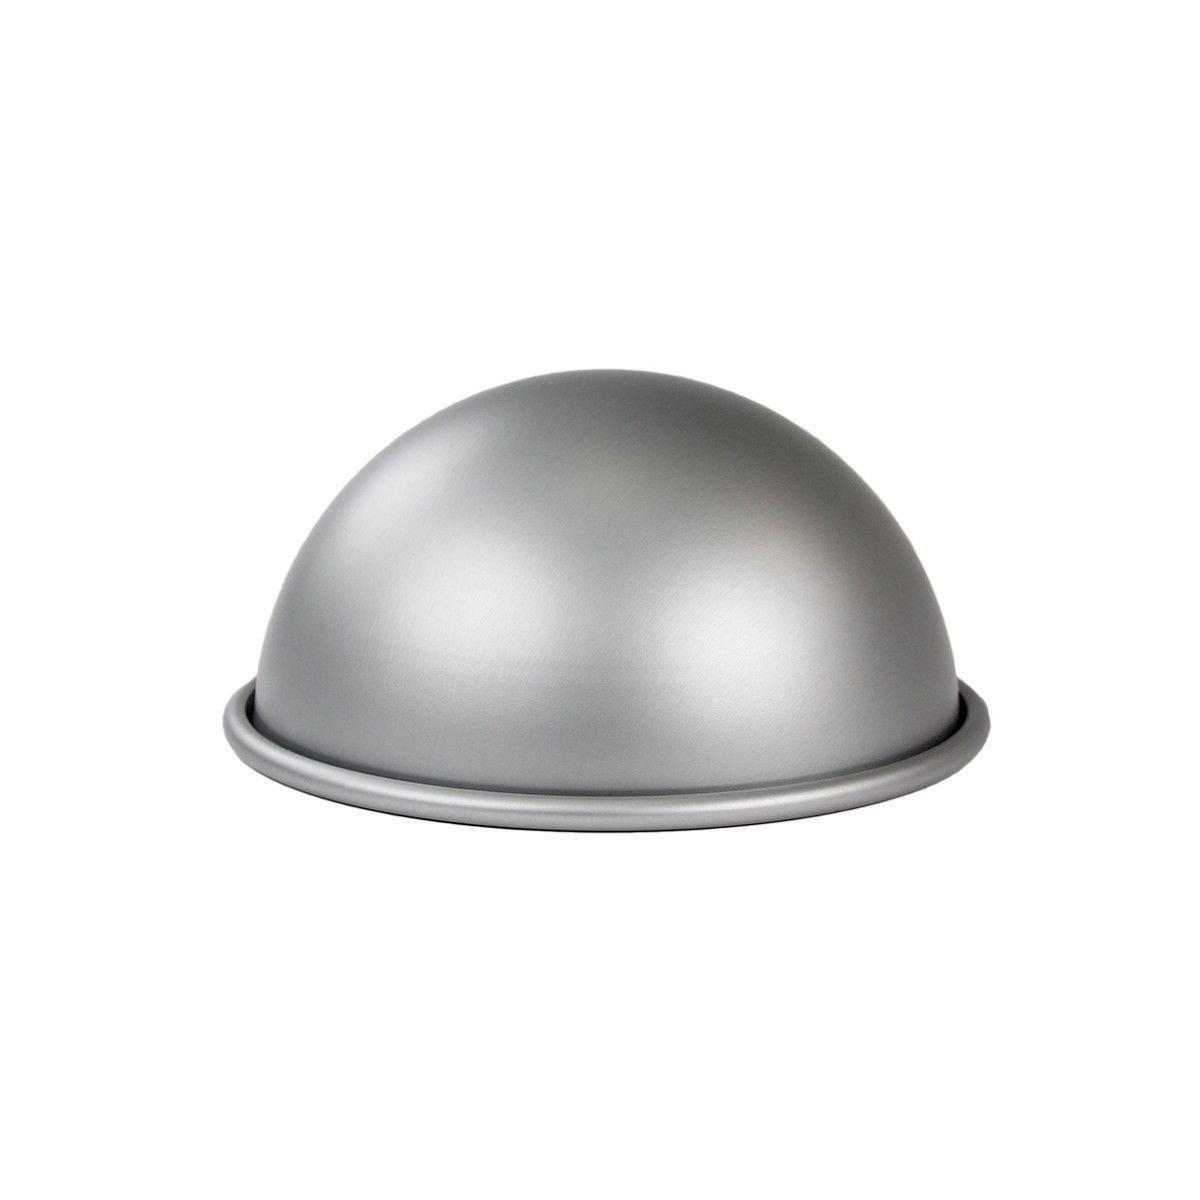 PME Baking Tin -Hemisphere Ball Pan -MEDIUM 15εκ -Μεσαίο Ταψί Ημισφαίριο